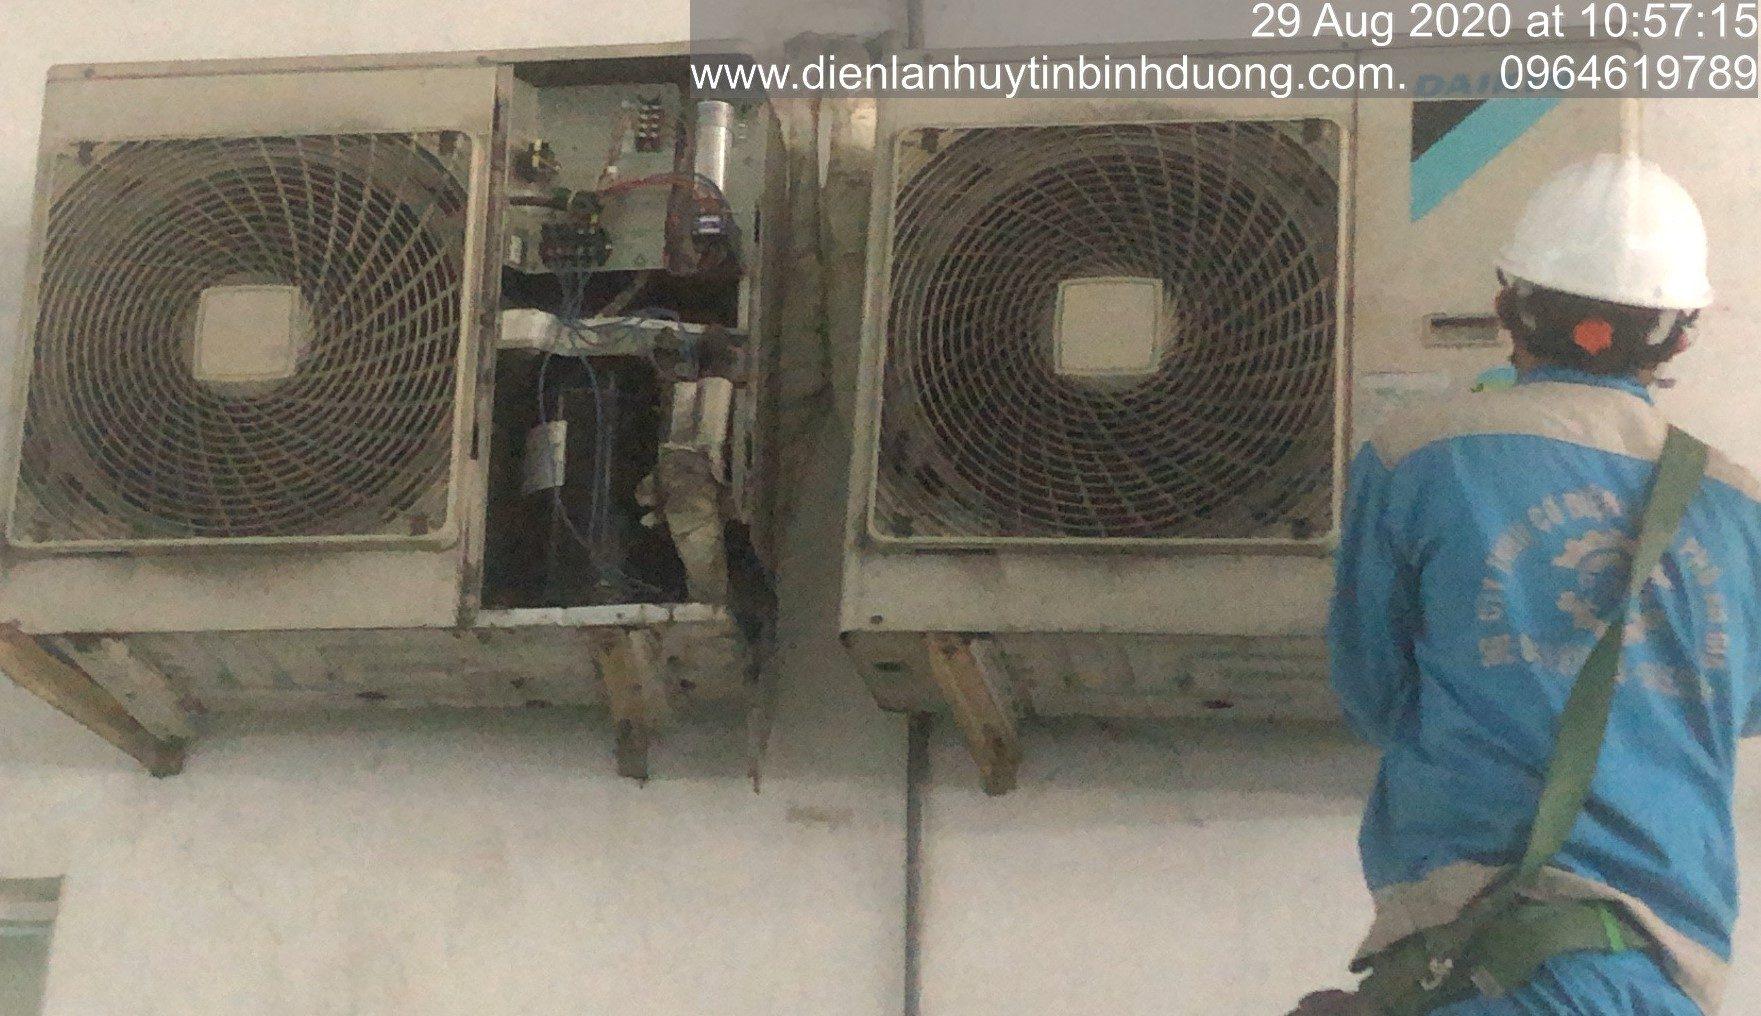 Vệ Sinh Sửa Chữa Máy Lạnh Daikin 5,0hp